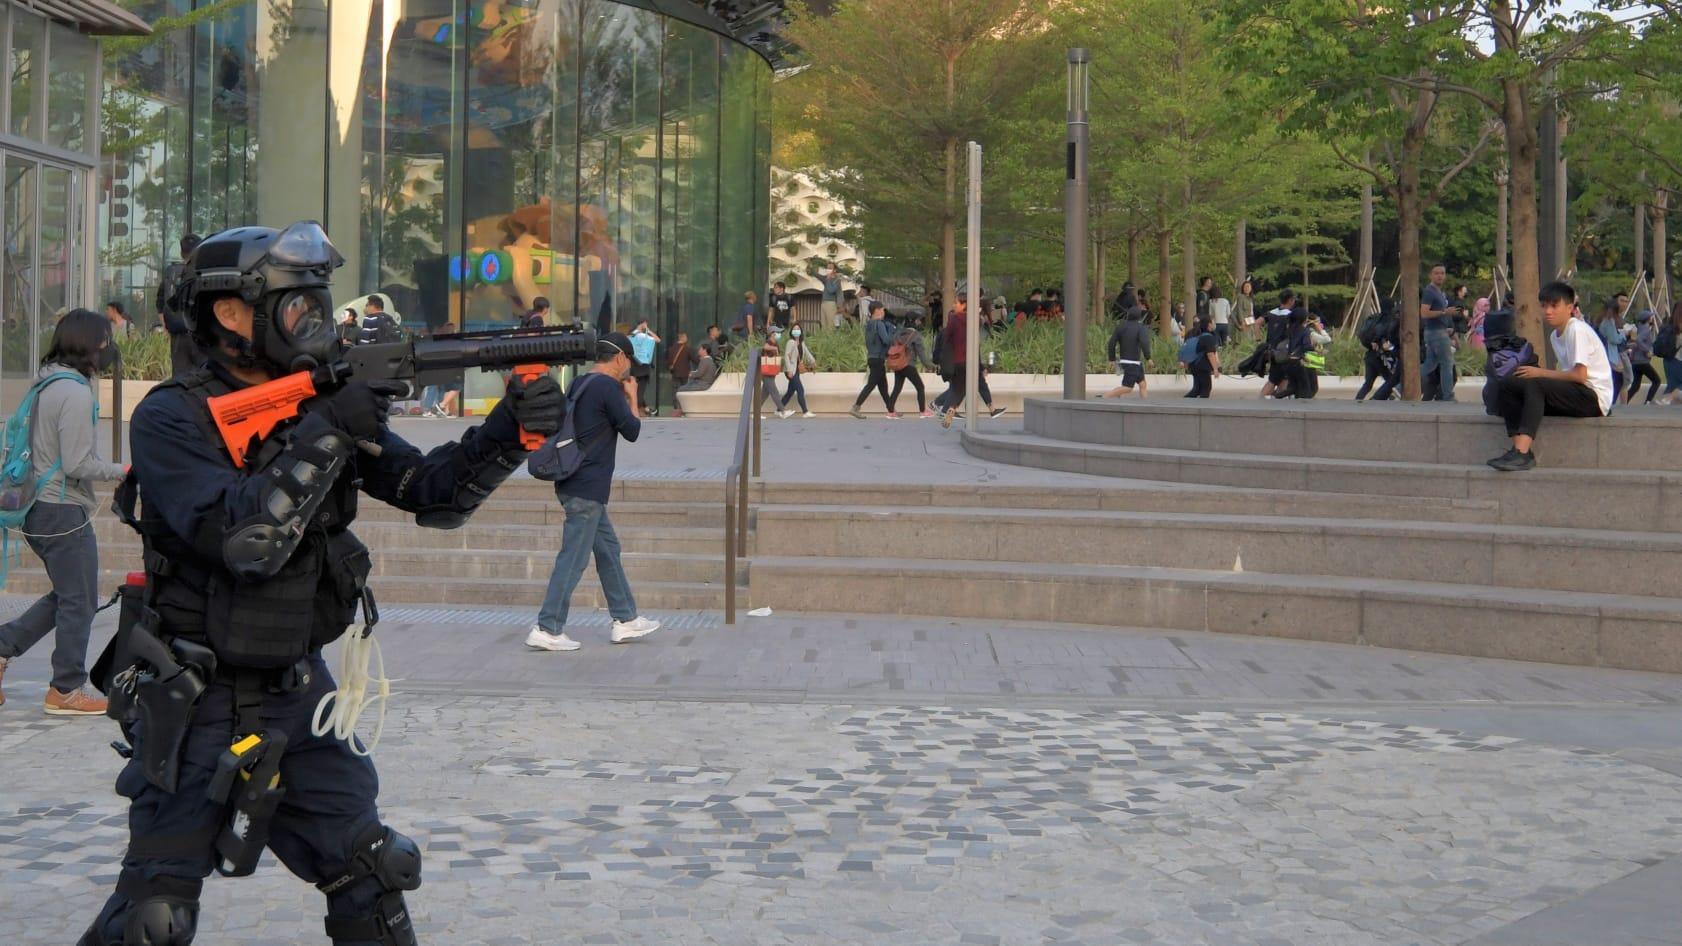 警員驅散示威者